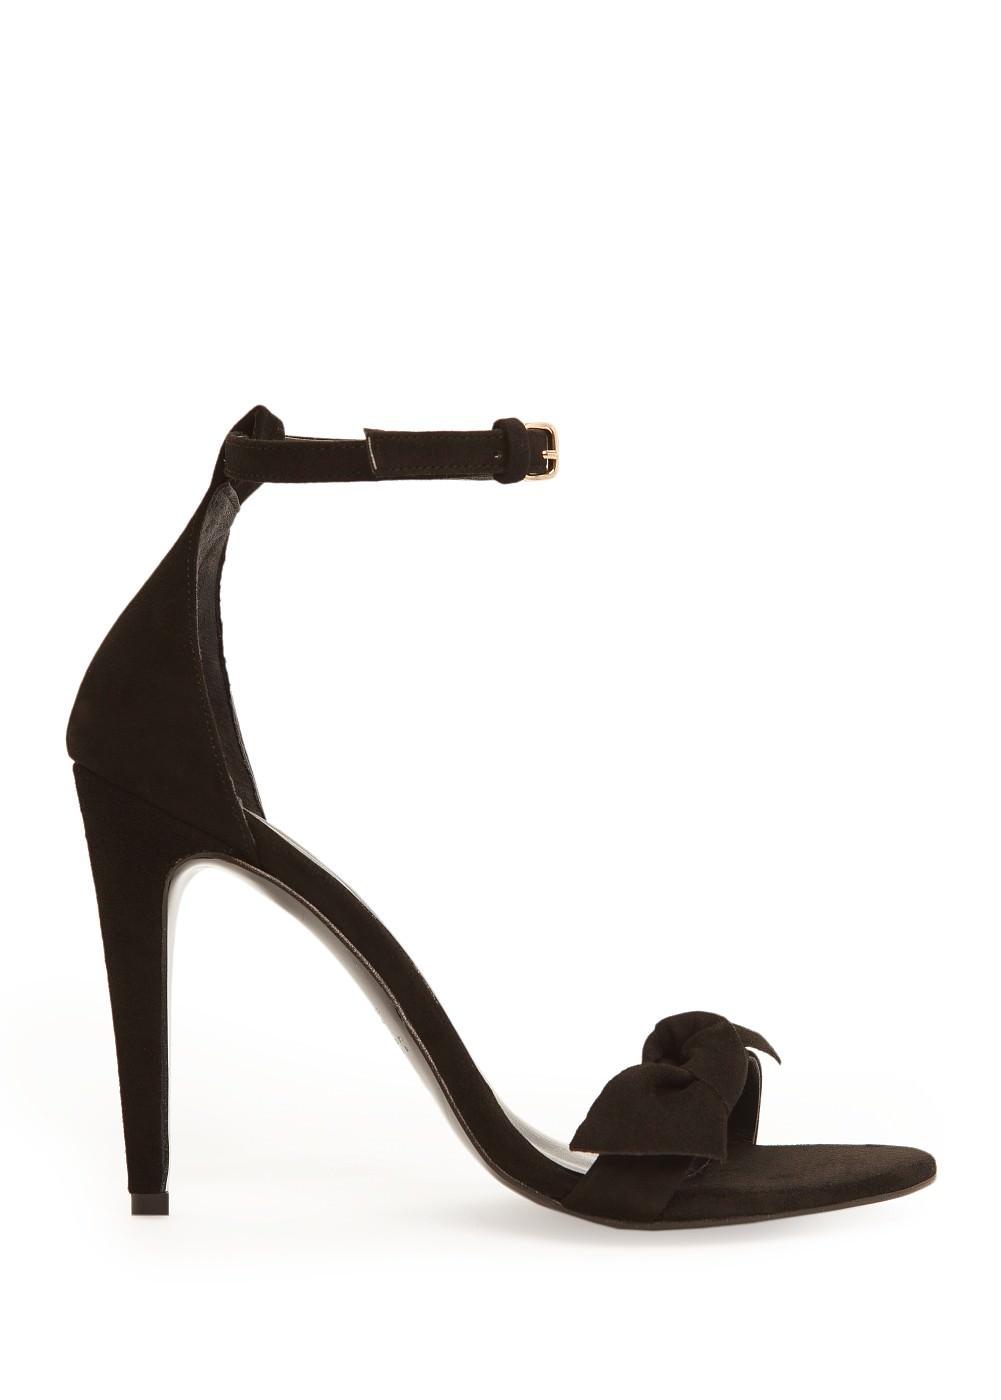 http://shop.mango.com/PL/p0/kobieta/akcesoria/obuwie/zamszowe-sanda%C5%82y-z-kokardka/?id=23000260_ND&n=1&s=accesorios.zapatos&ident=0__0_1401652346204&ts=1401652346204